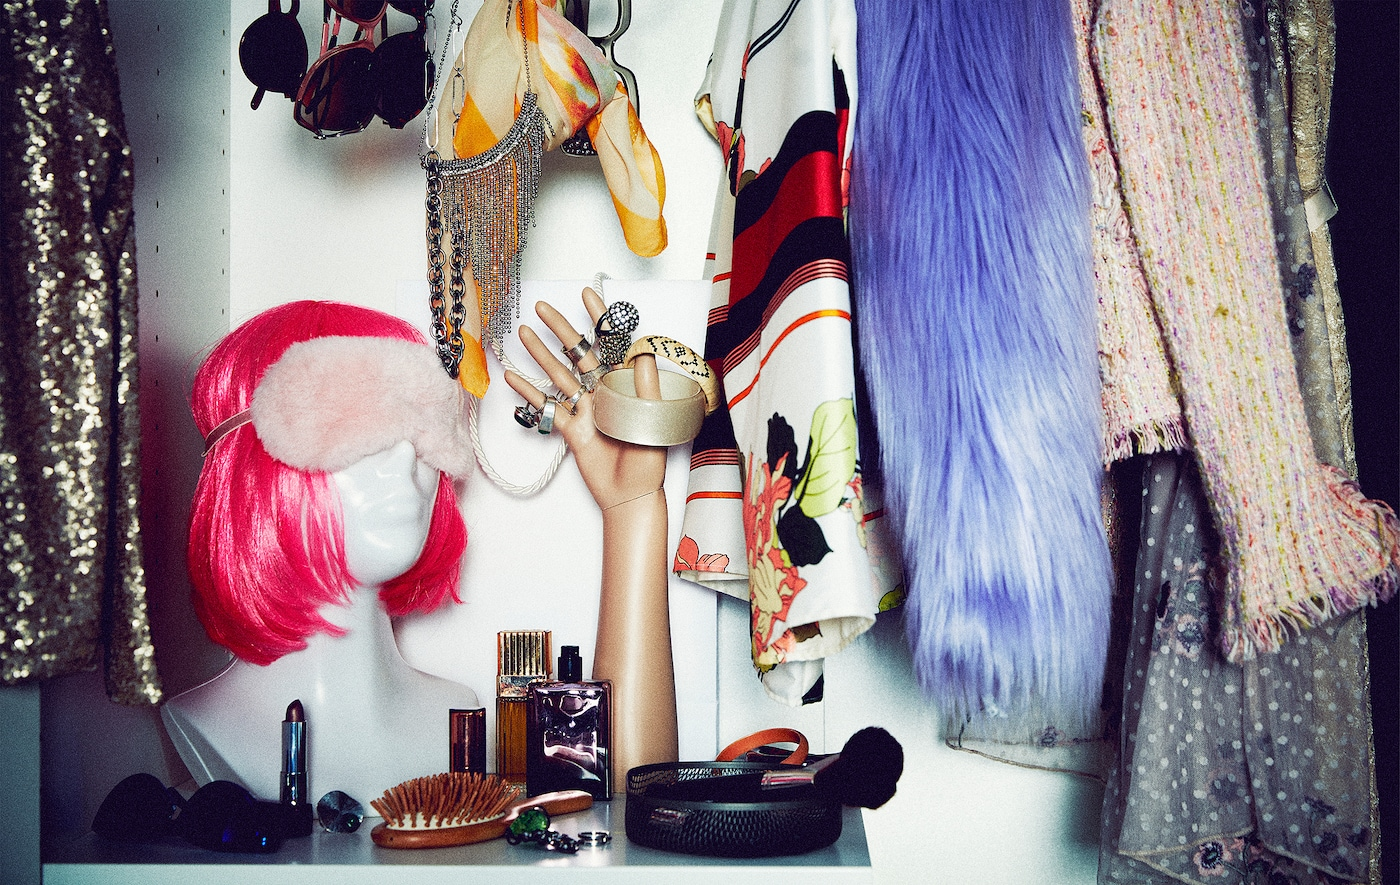 Teil eines Kleiderschranks, gefüllt mit Partykostümen und -accessoires, u. a. eine neonfarbene Perücke und die Hand einer Schaufensterpuppe, die Schmuck präsentiert.